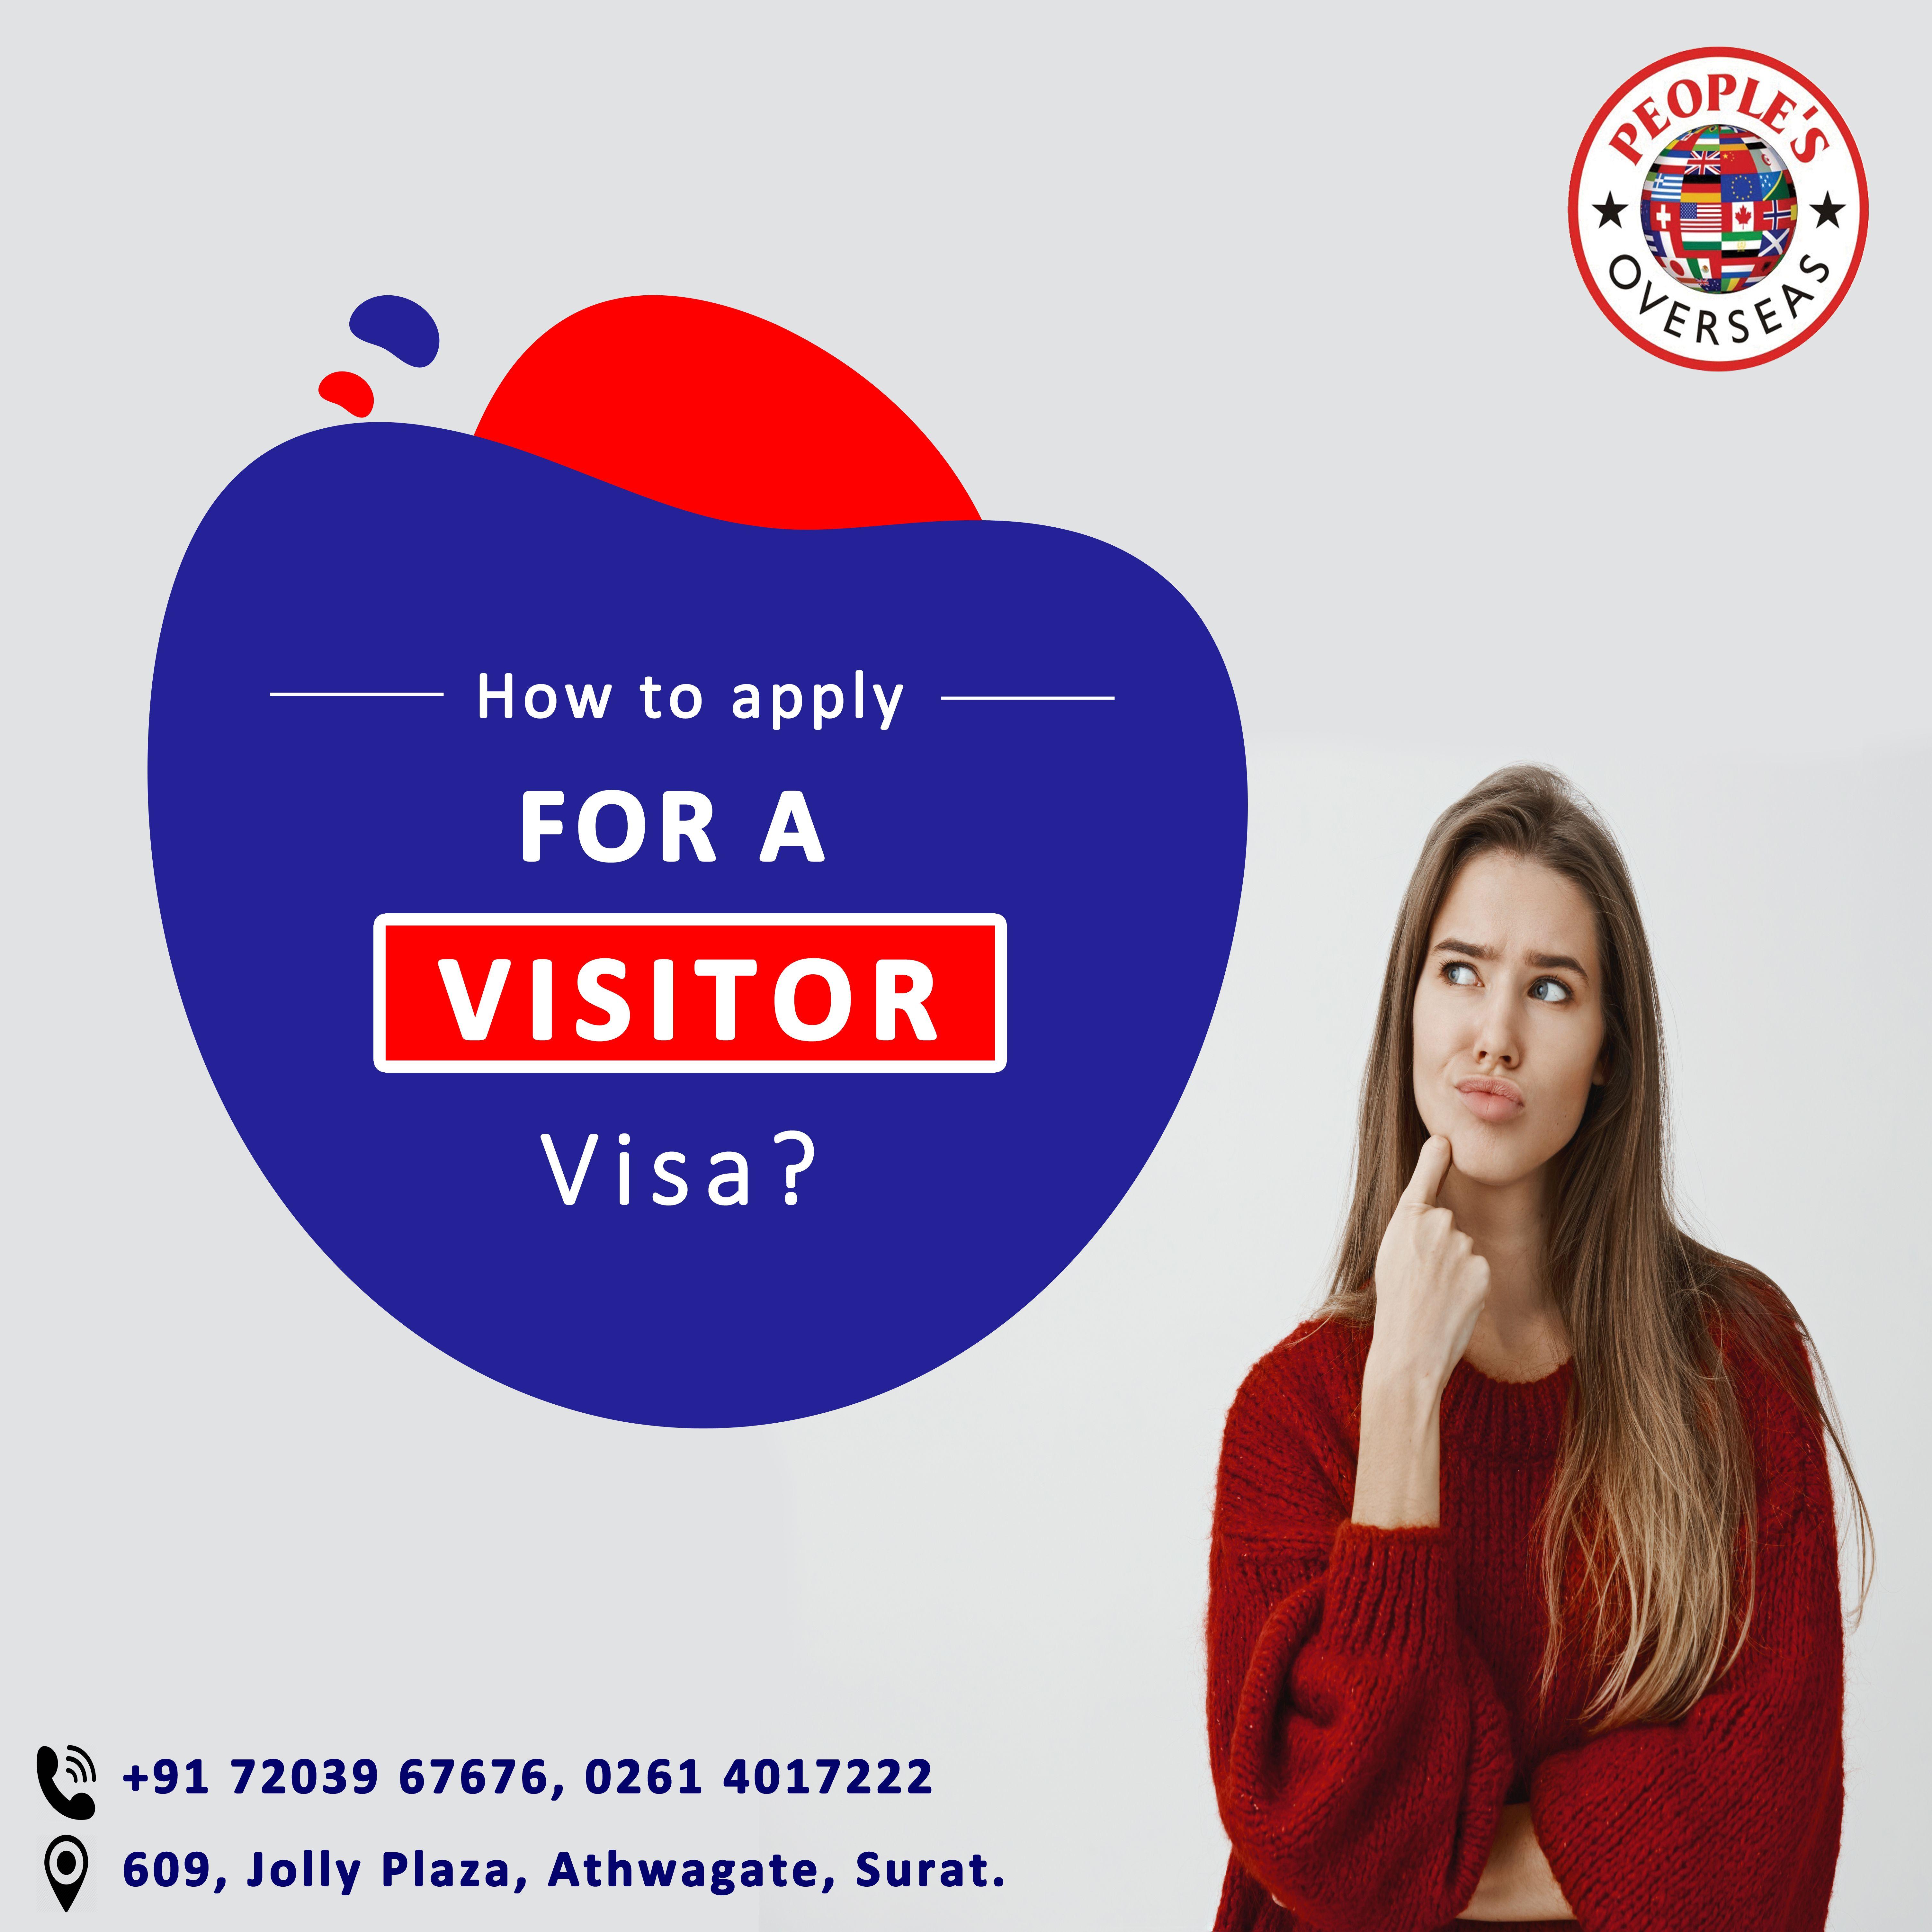 bb772248cb8c73d94e2fa1125f5720ce - How To Get A Visa For Usa From Australia